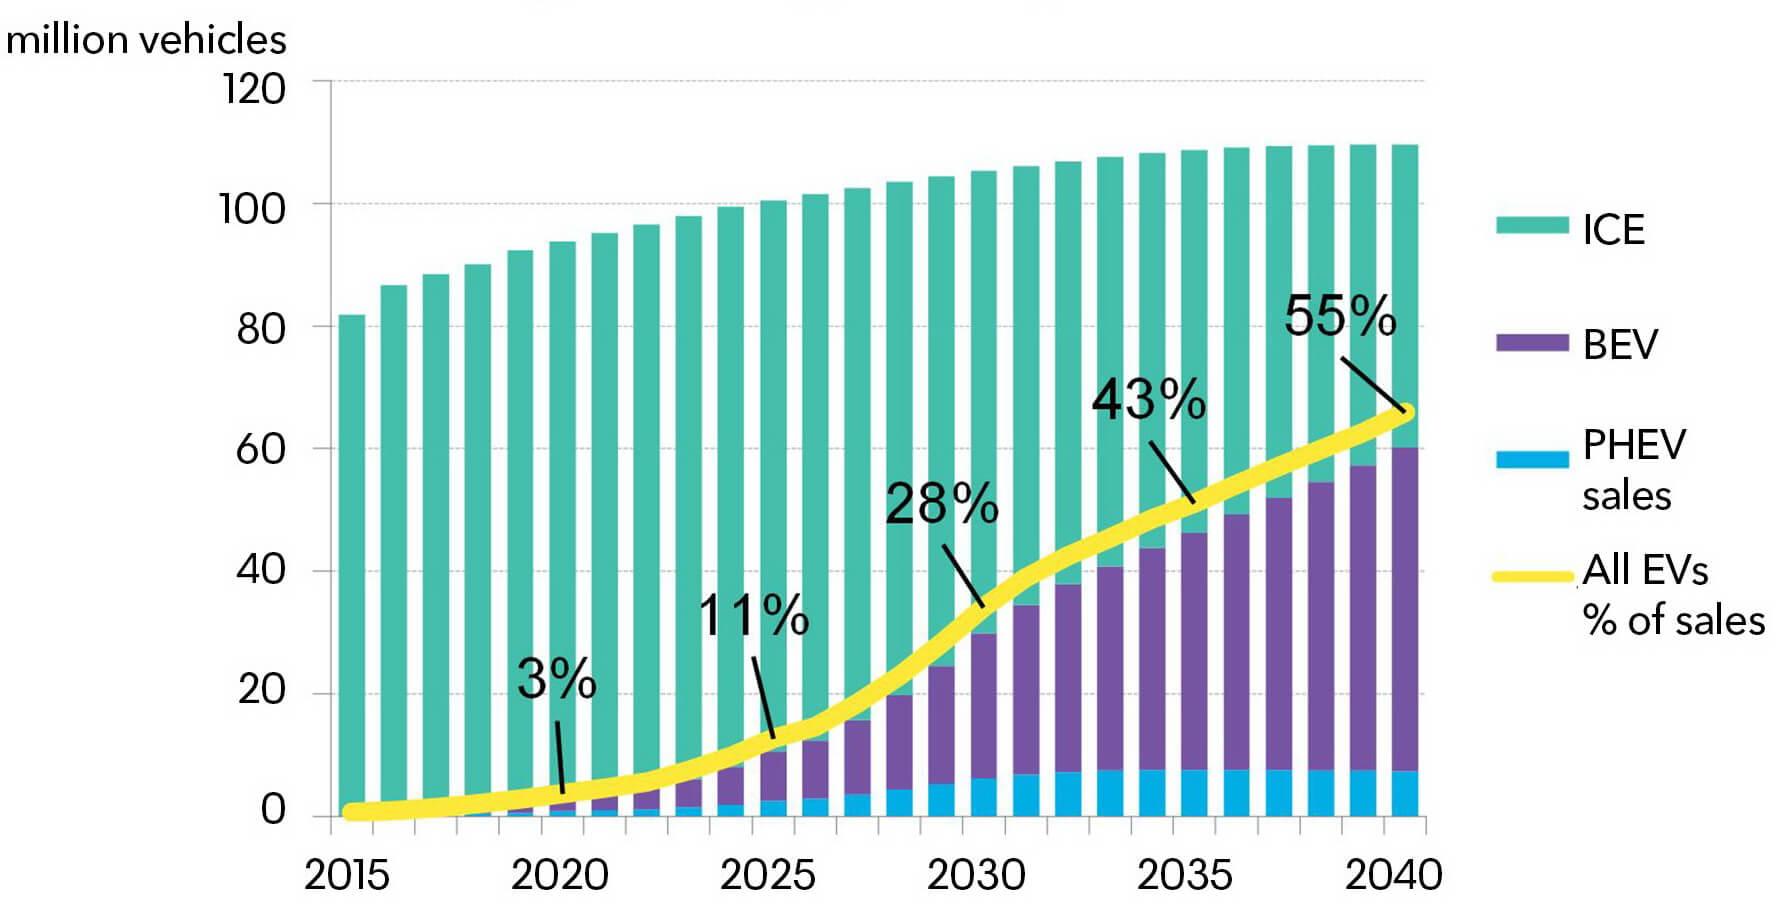 Загальний графік збільшення числа електричних транспортних засобів до2040 року